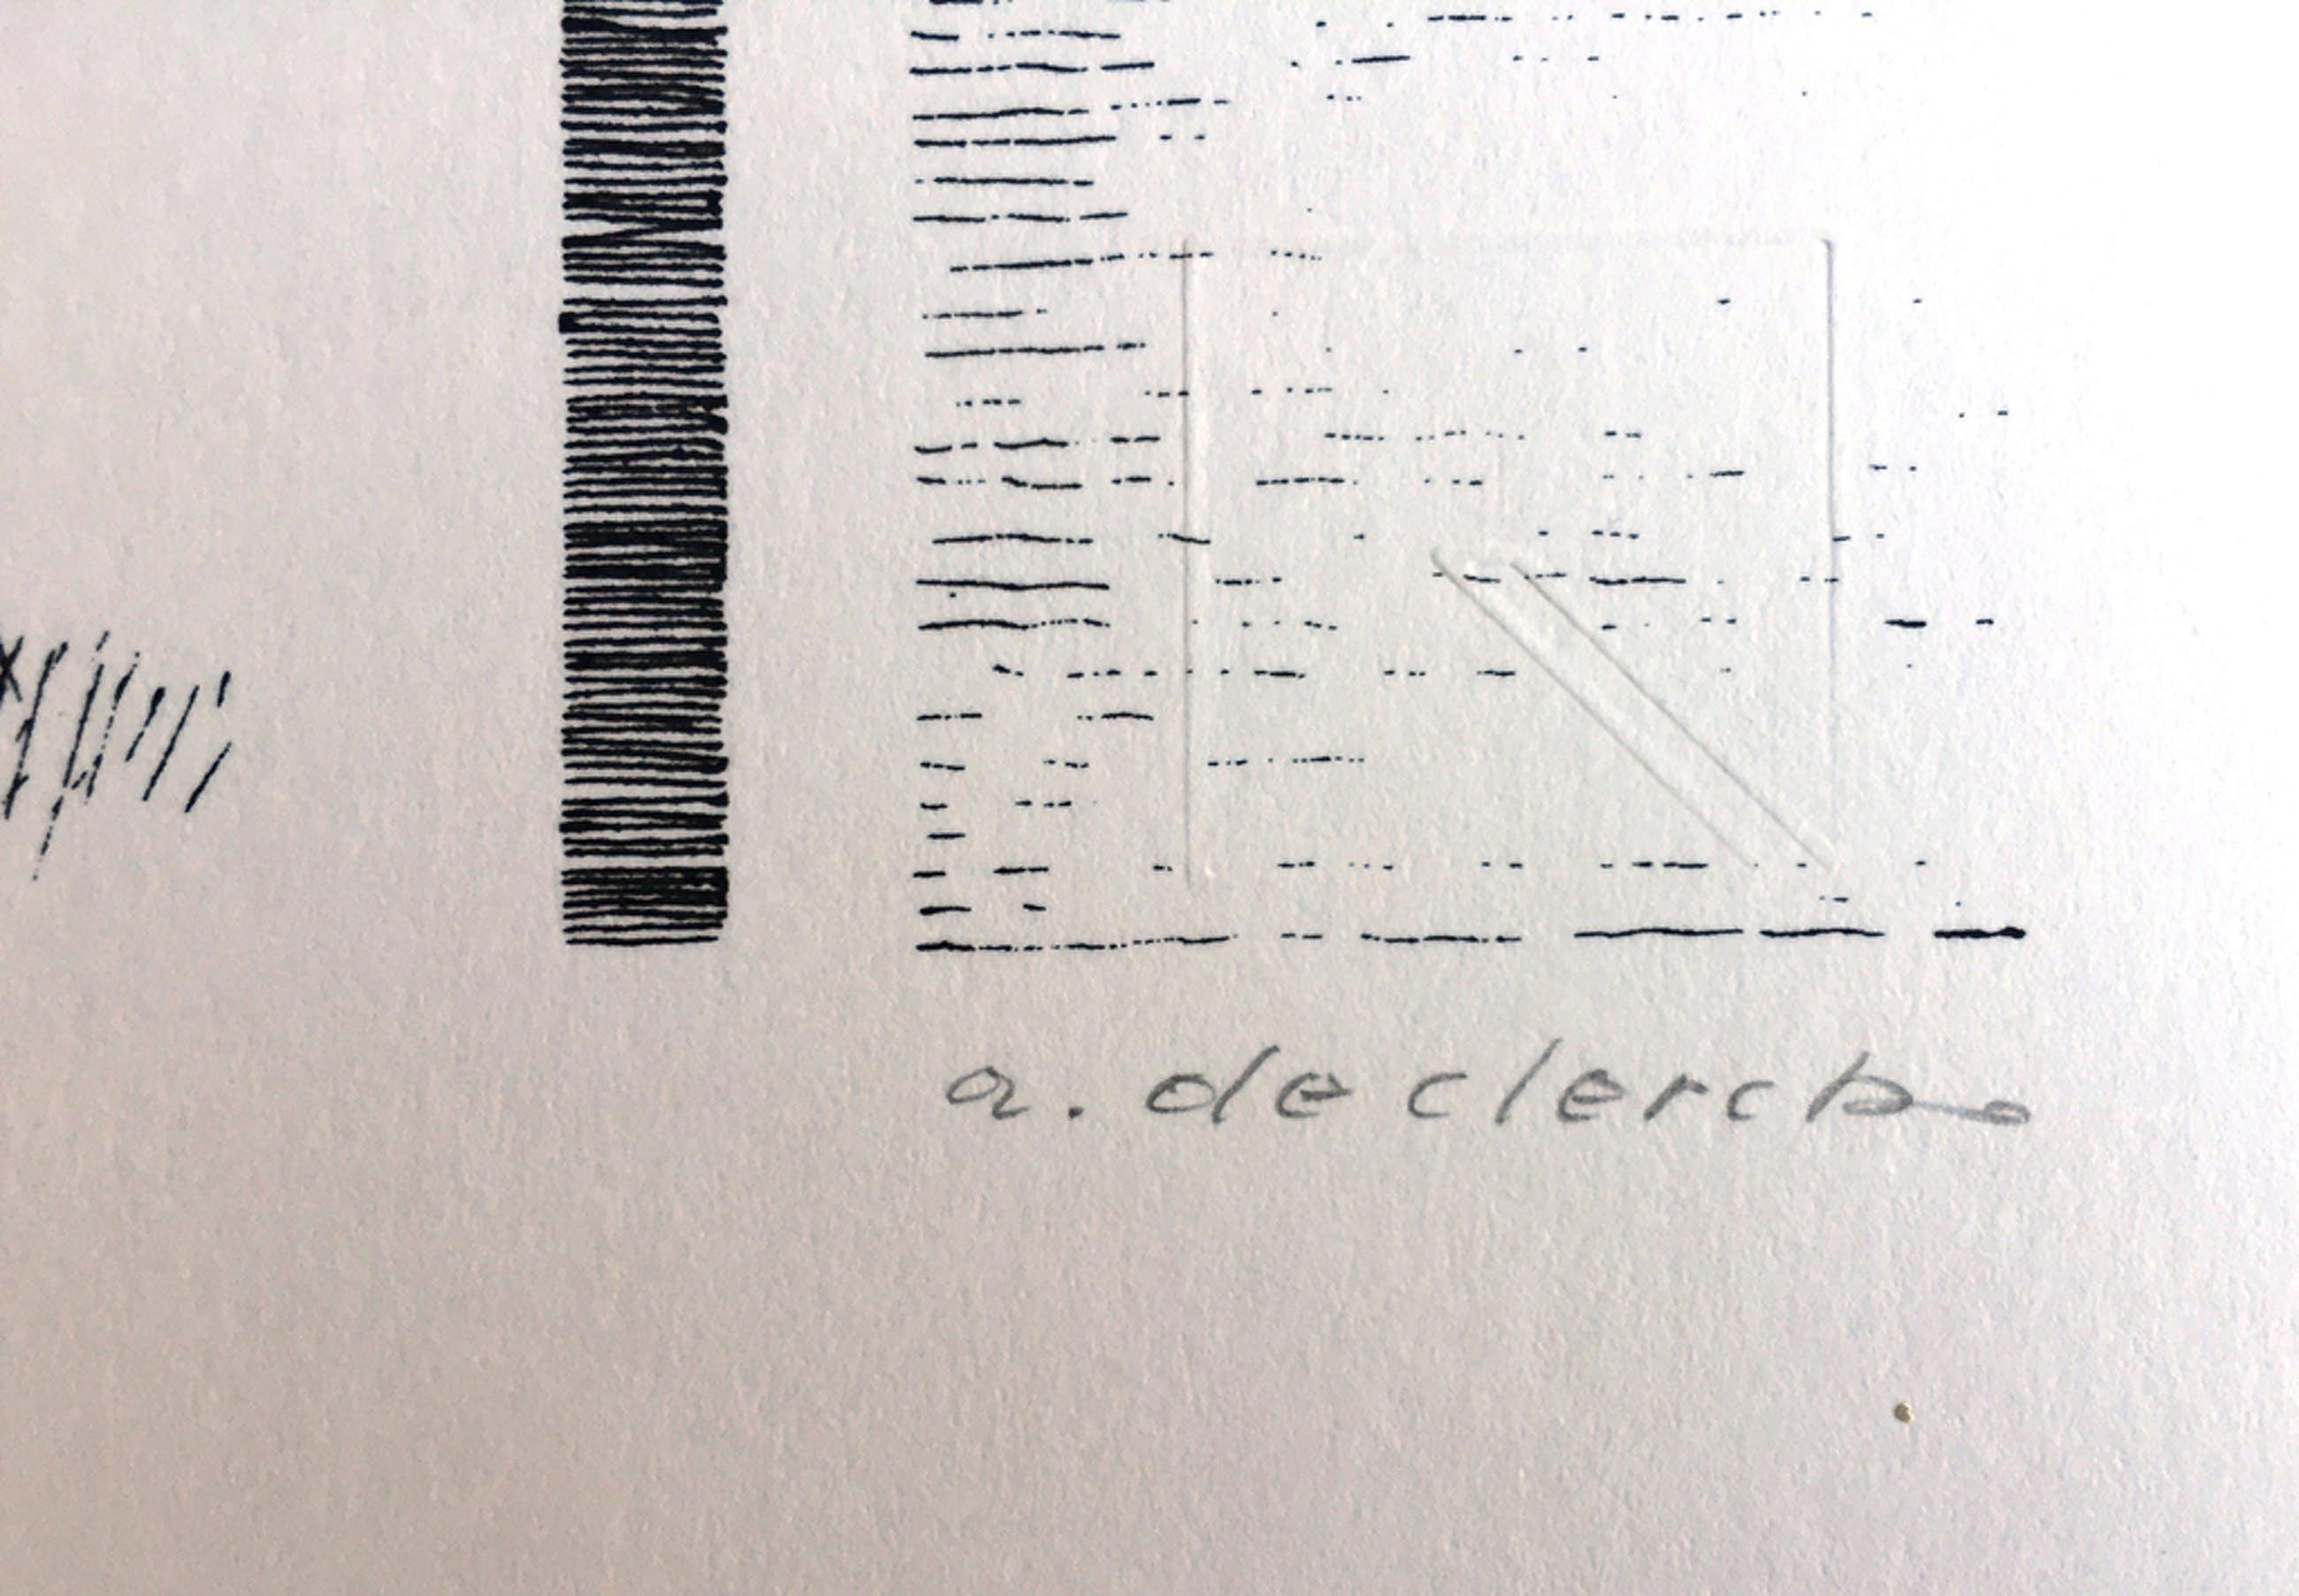 Antoon de Clerck - Zittend figuur - Gesigneerde zeefdruk - 1987 kopen? Bied vanaf 25!